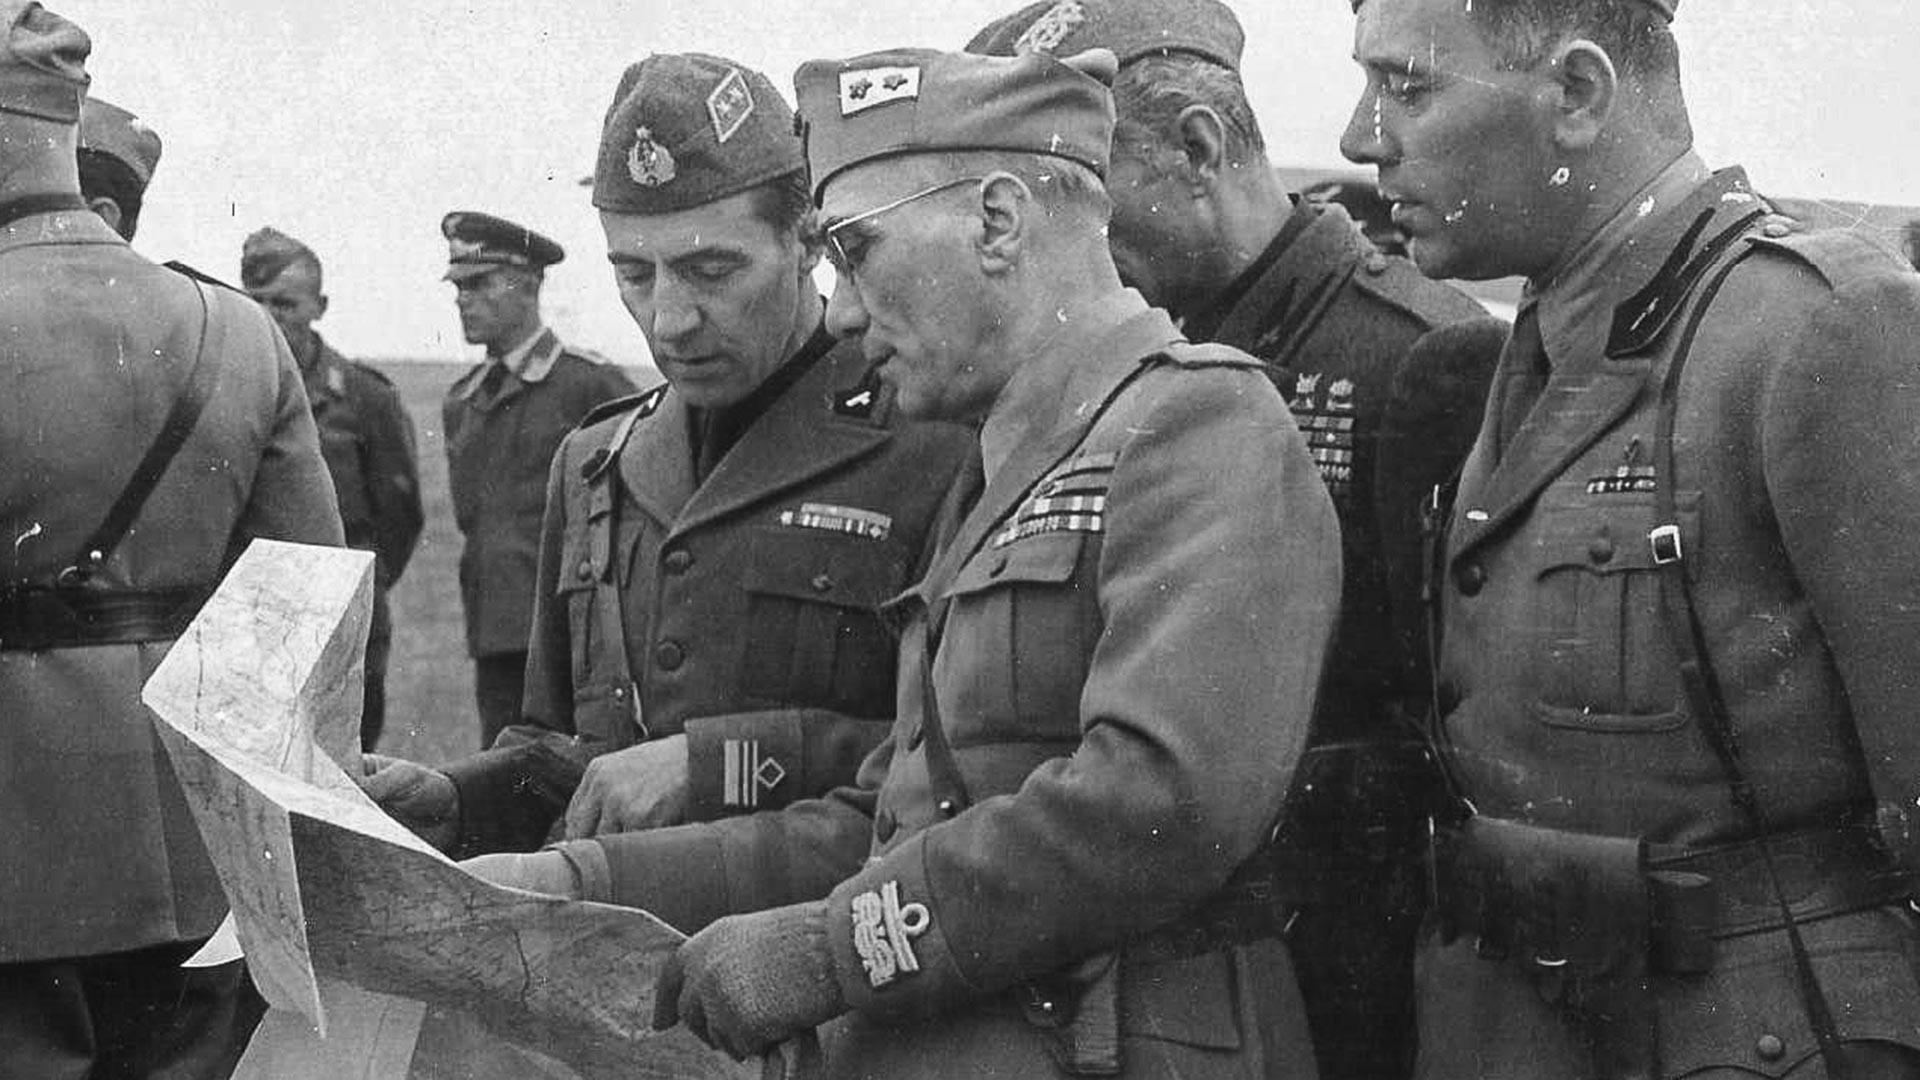 Генералот Малагути со италијански офицери, Русија 1942 година.